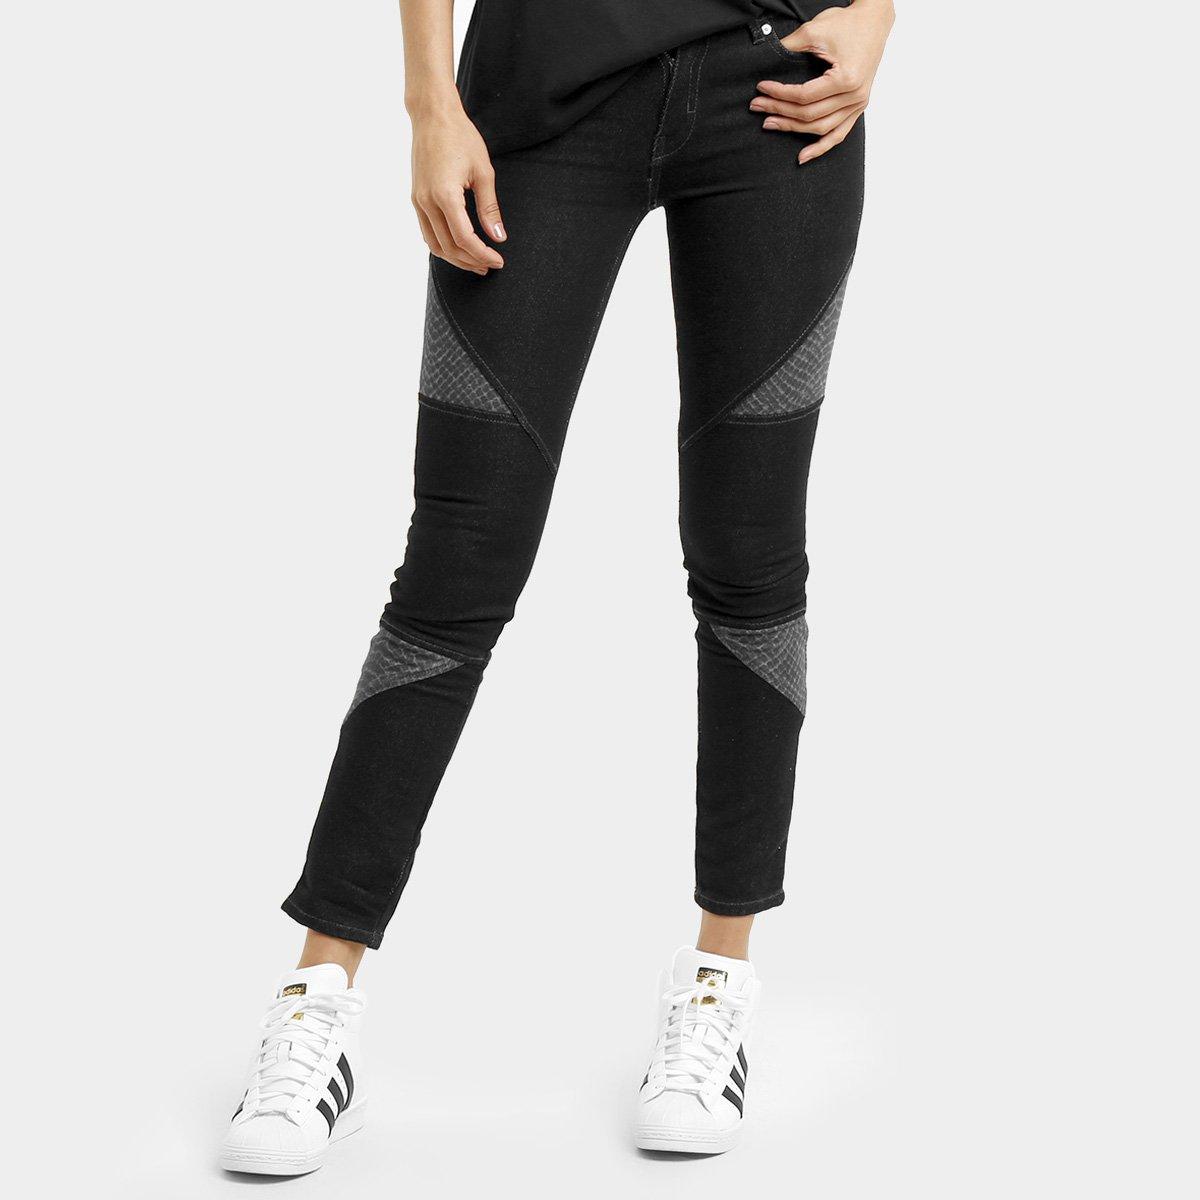 37b06a14a Calça Adidas Originals Denim Clrd Superskinny - Preto e Cinza - Compre Agora  | São Paulo Mania